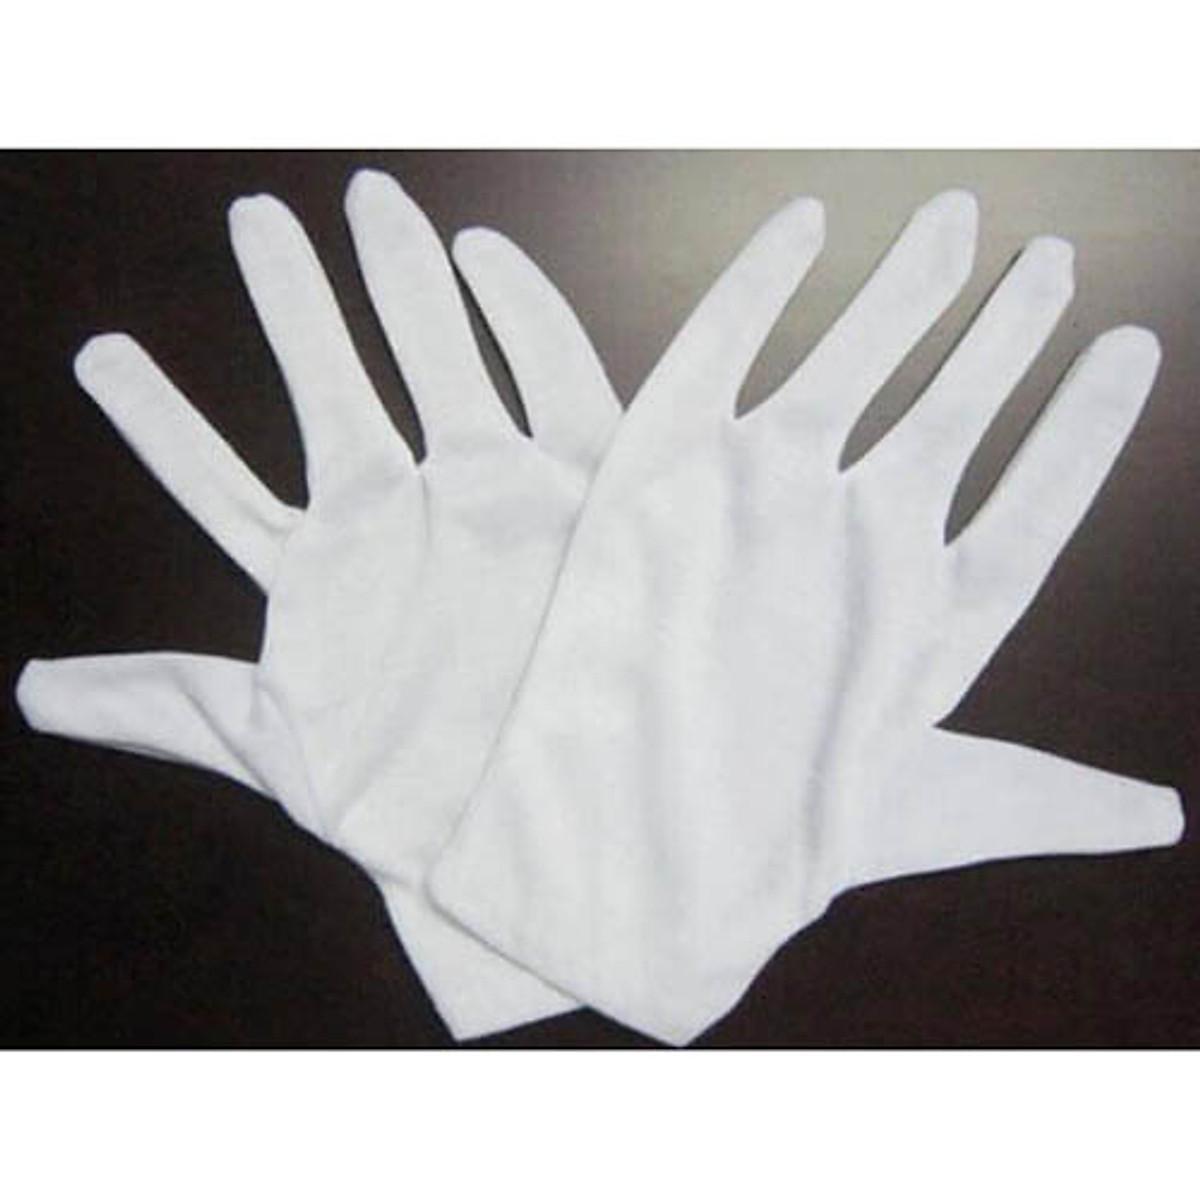 Găng tay nghi thức trang trọng, lịch sự khi sử dụng